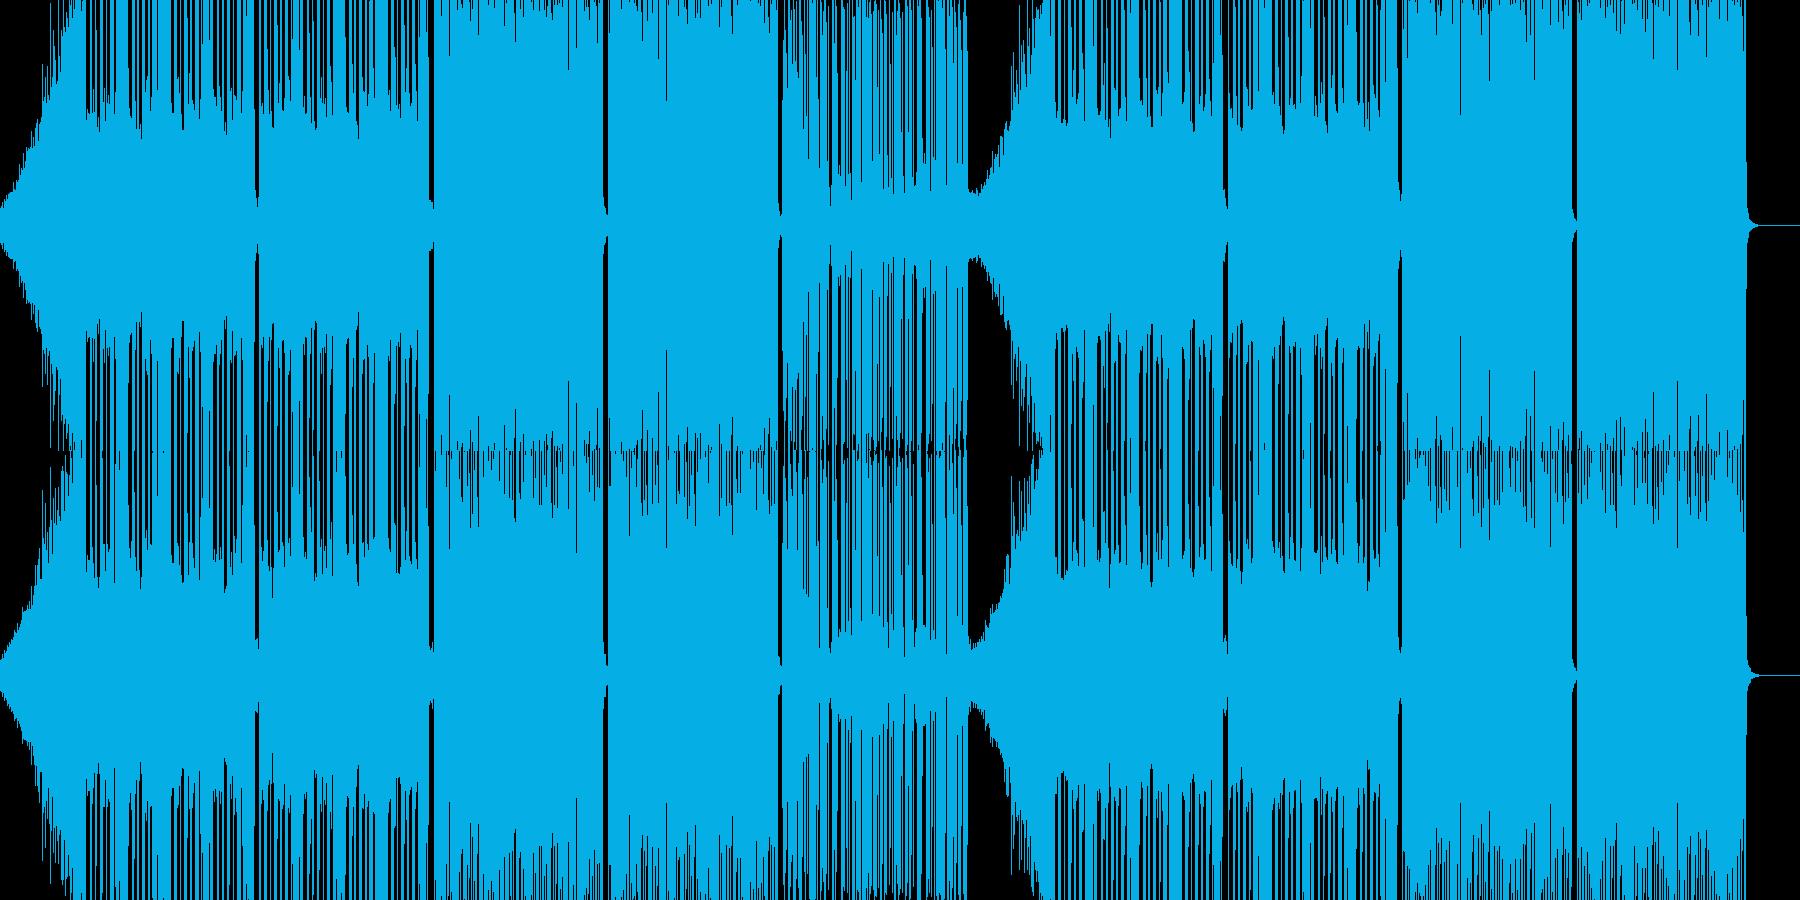 dubstep edmの要素をふんだん…の再生済みの波形